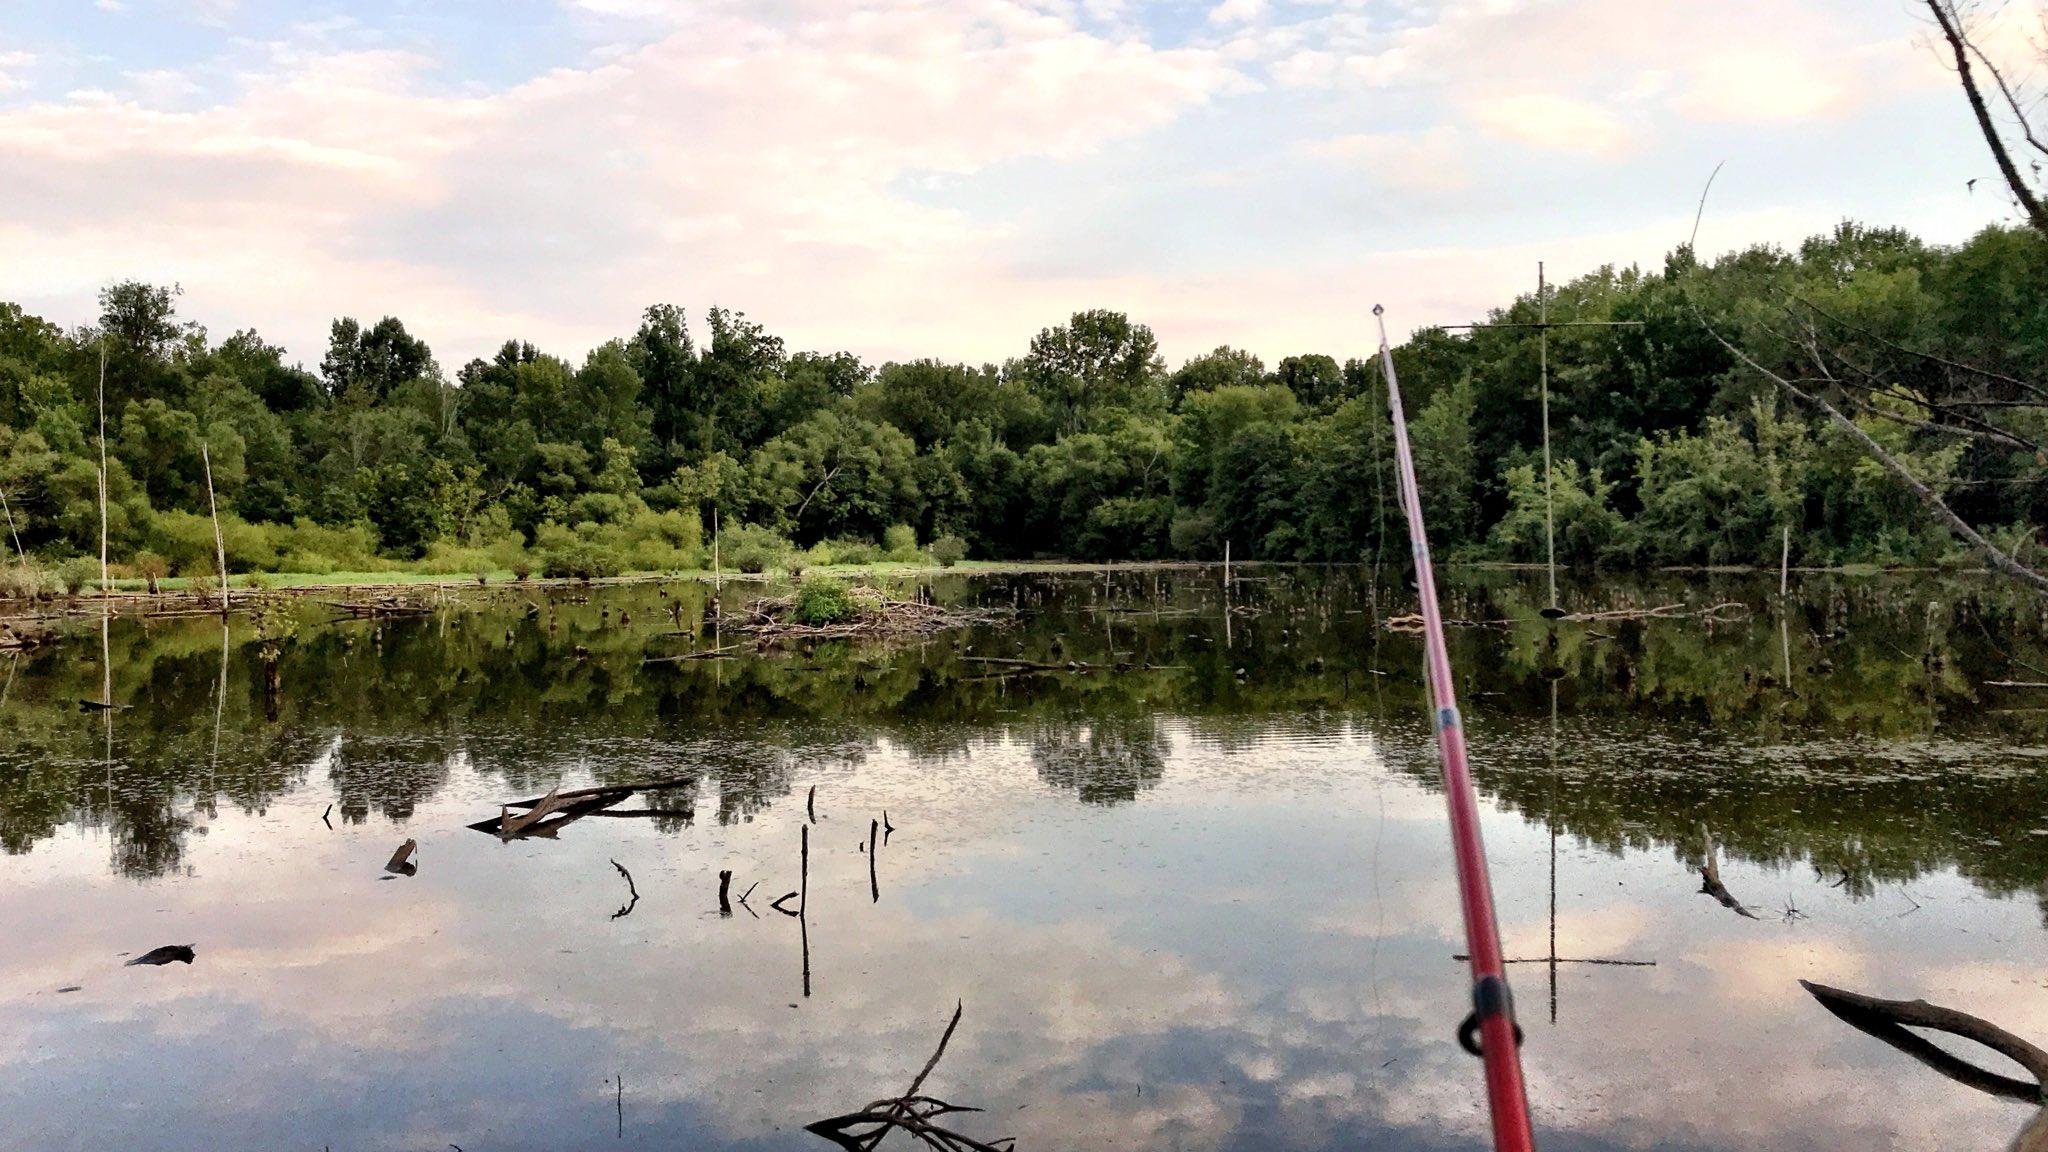 Fishing at McAlpine Creek.